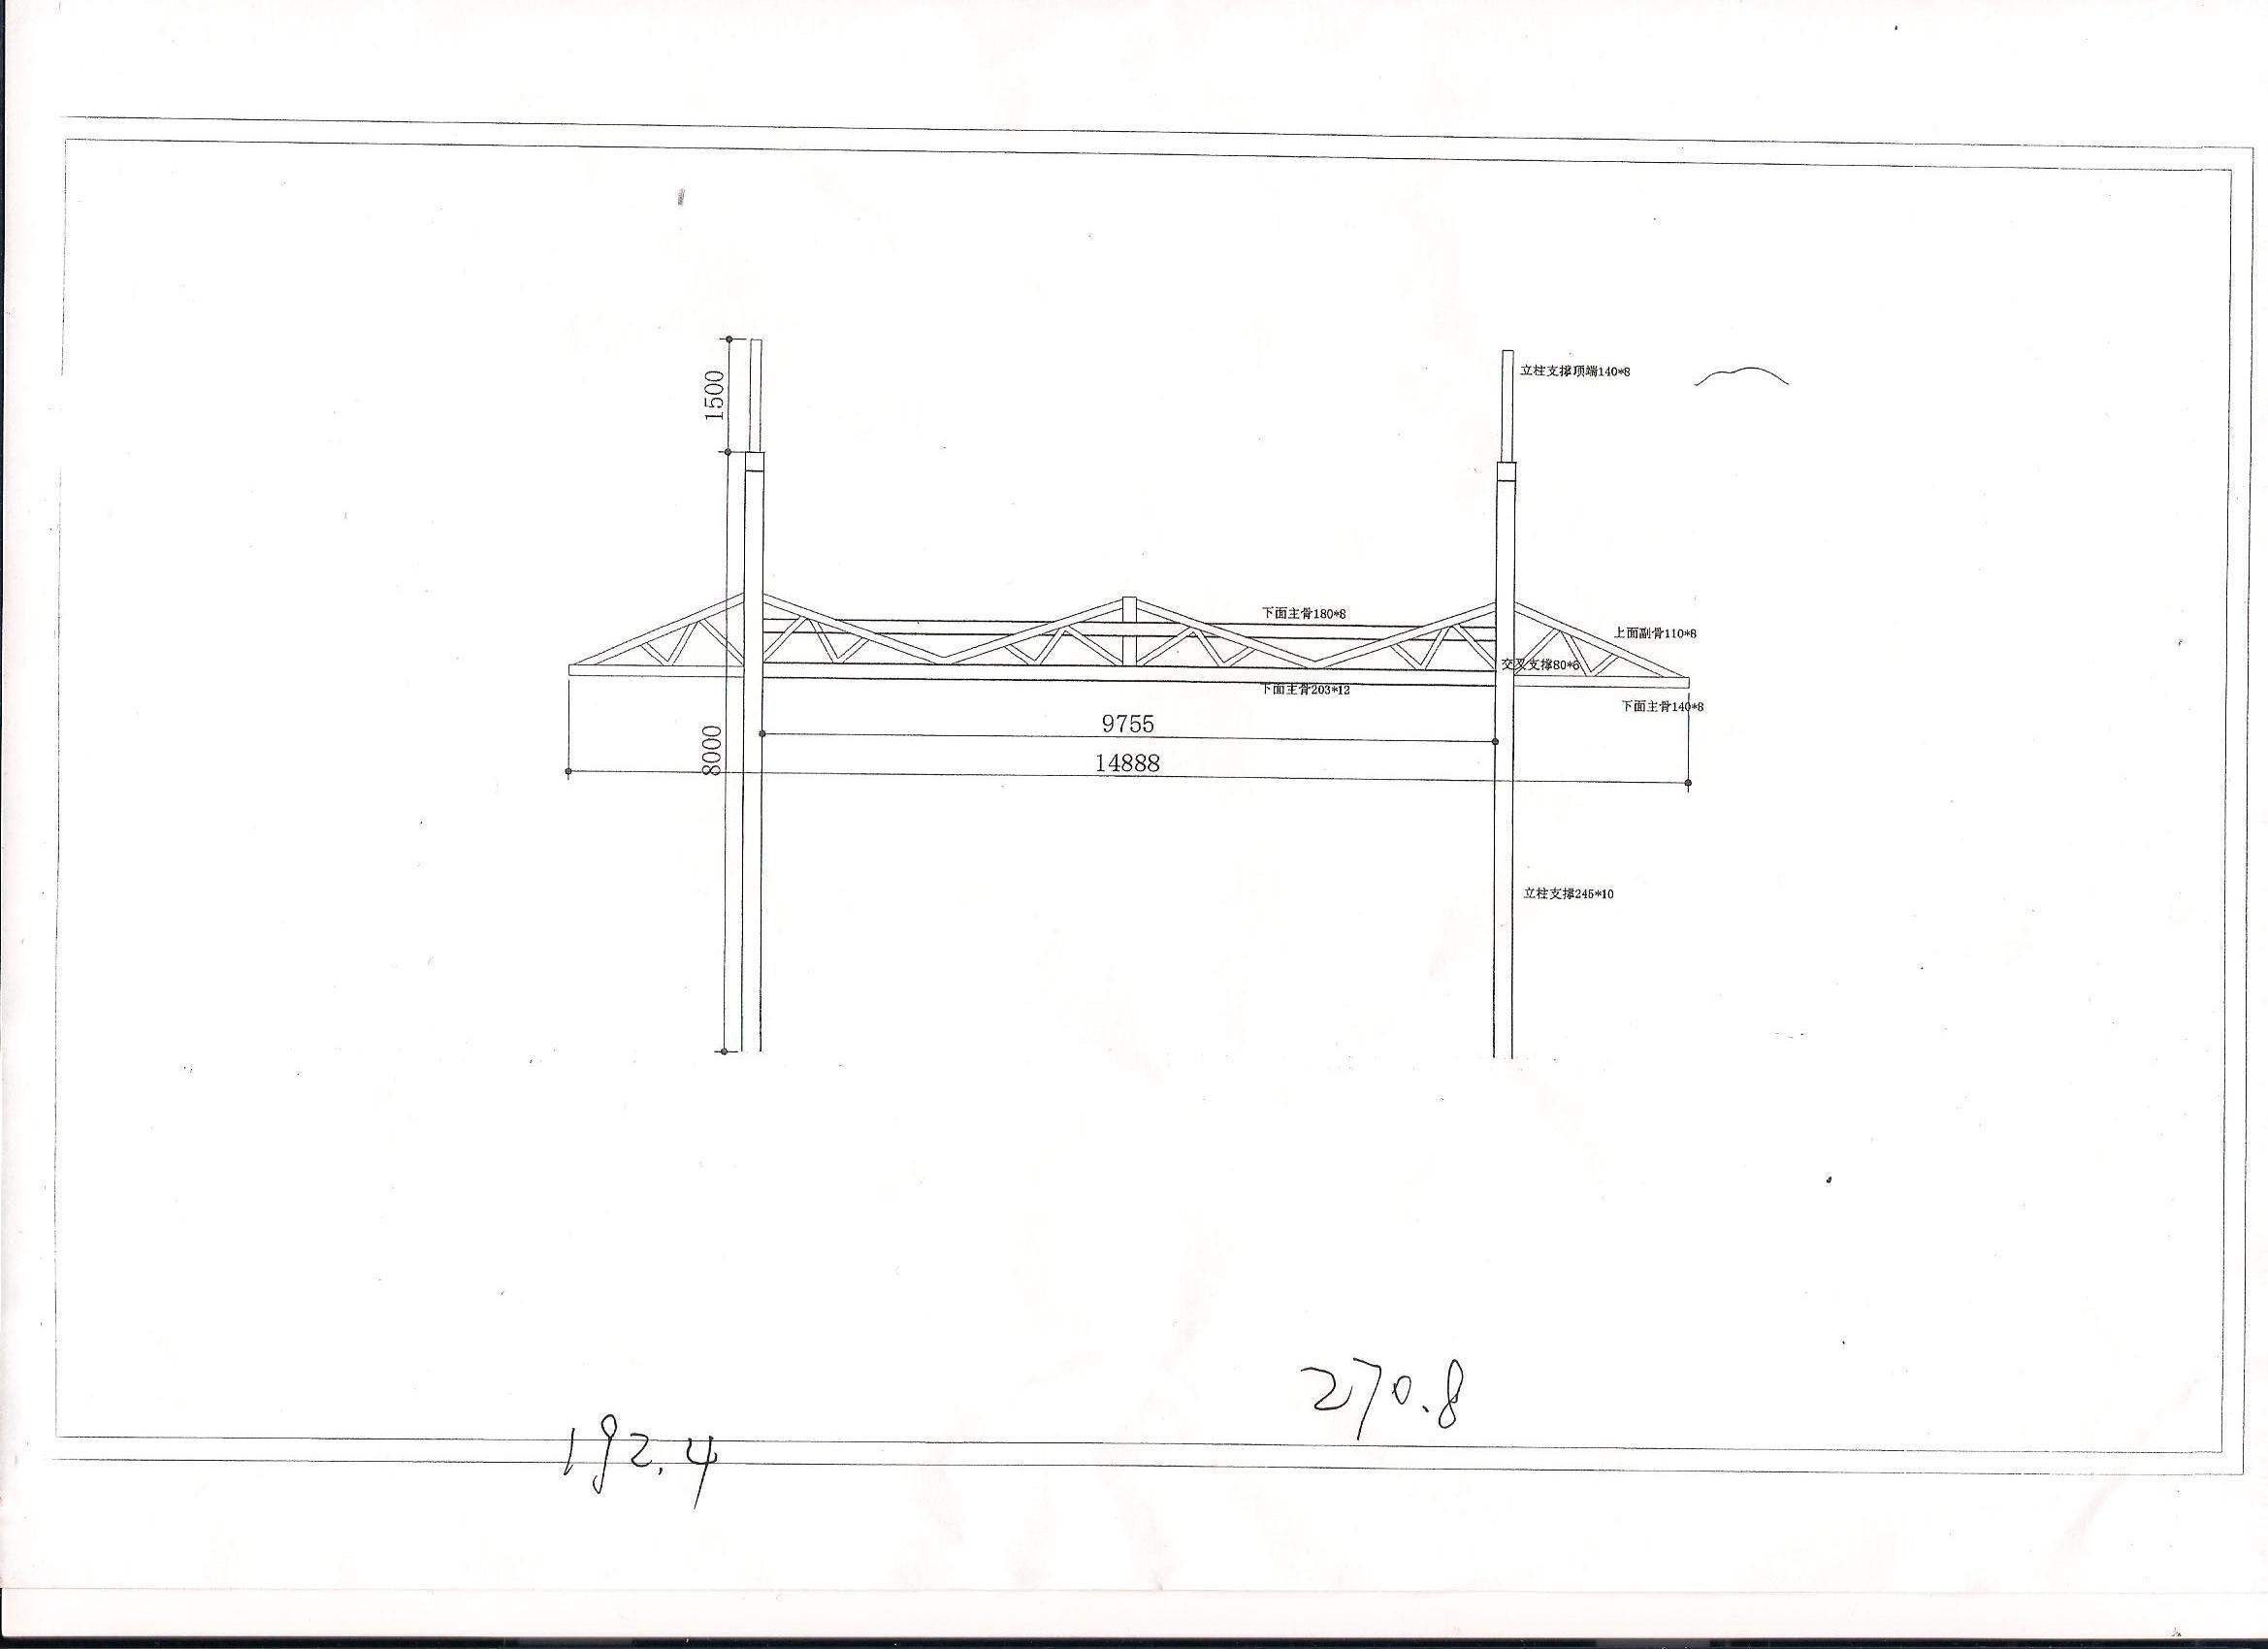 商业街小车入口收费岗亭膜结构图纸价格|批发|报价